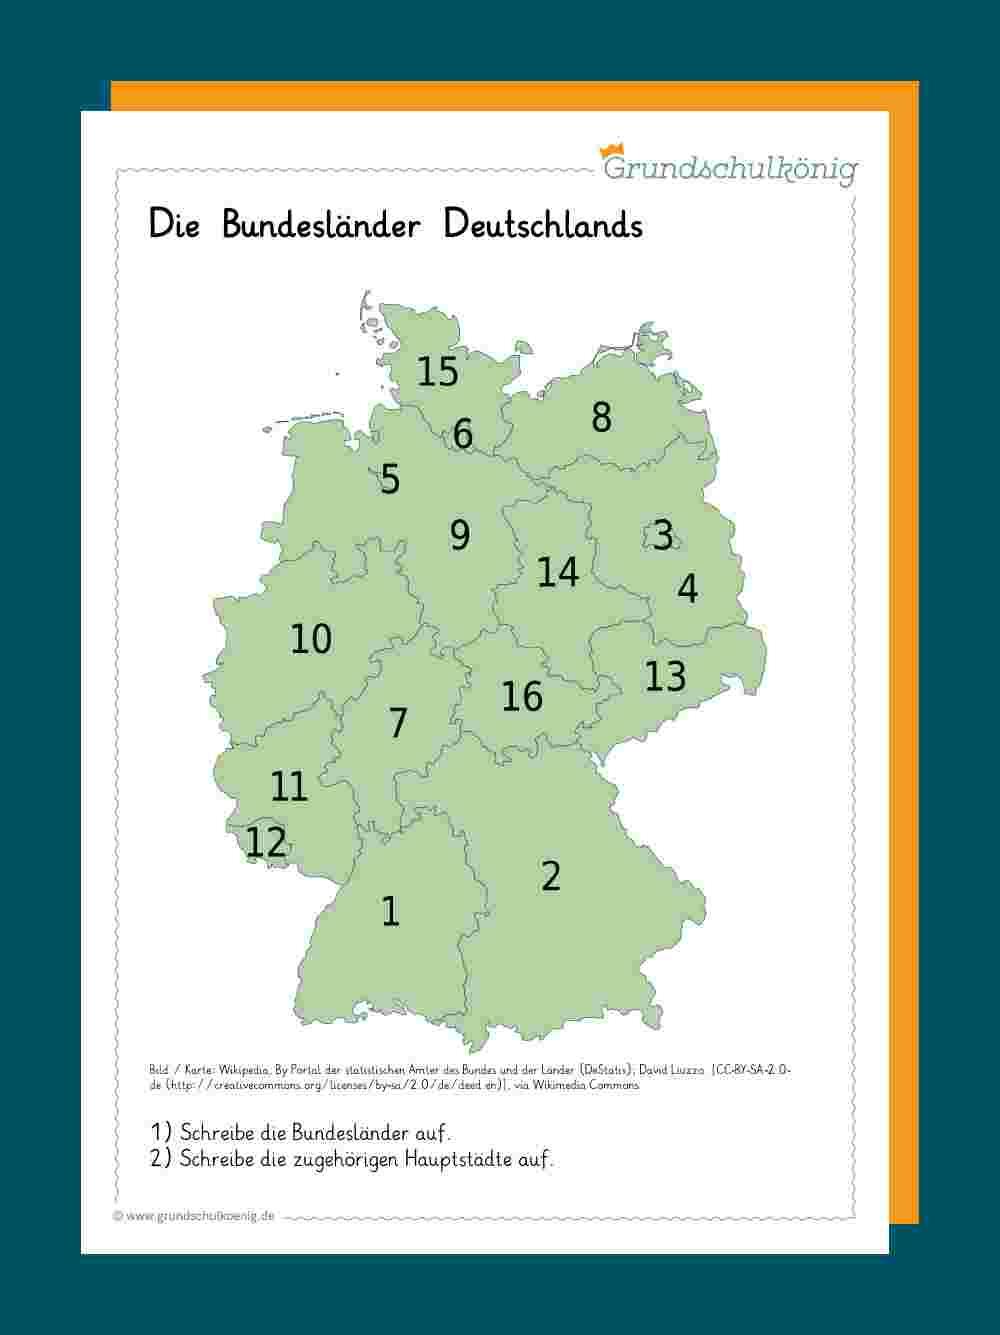 Deutschland in Deutschland Karte Bundesländer Hauptstädte